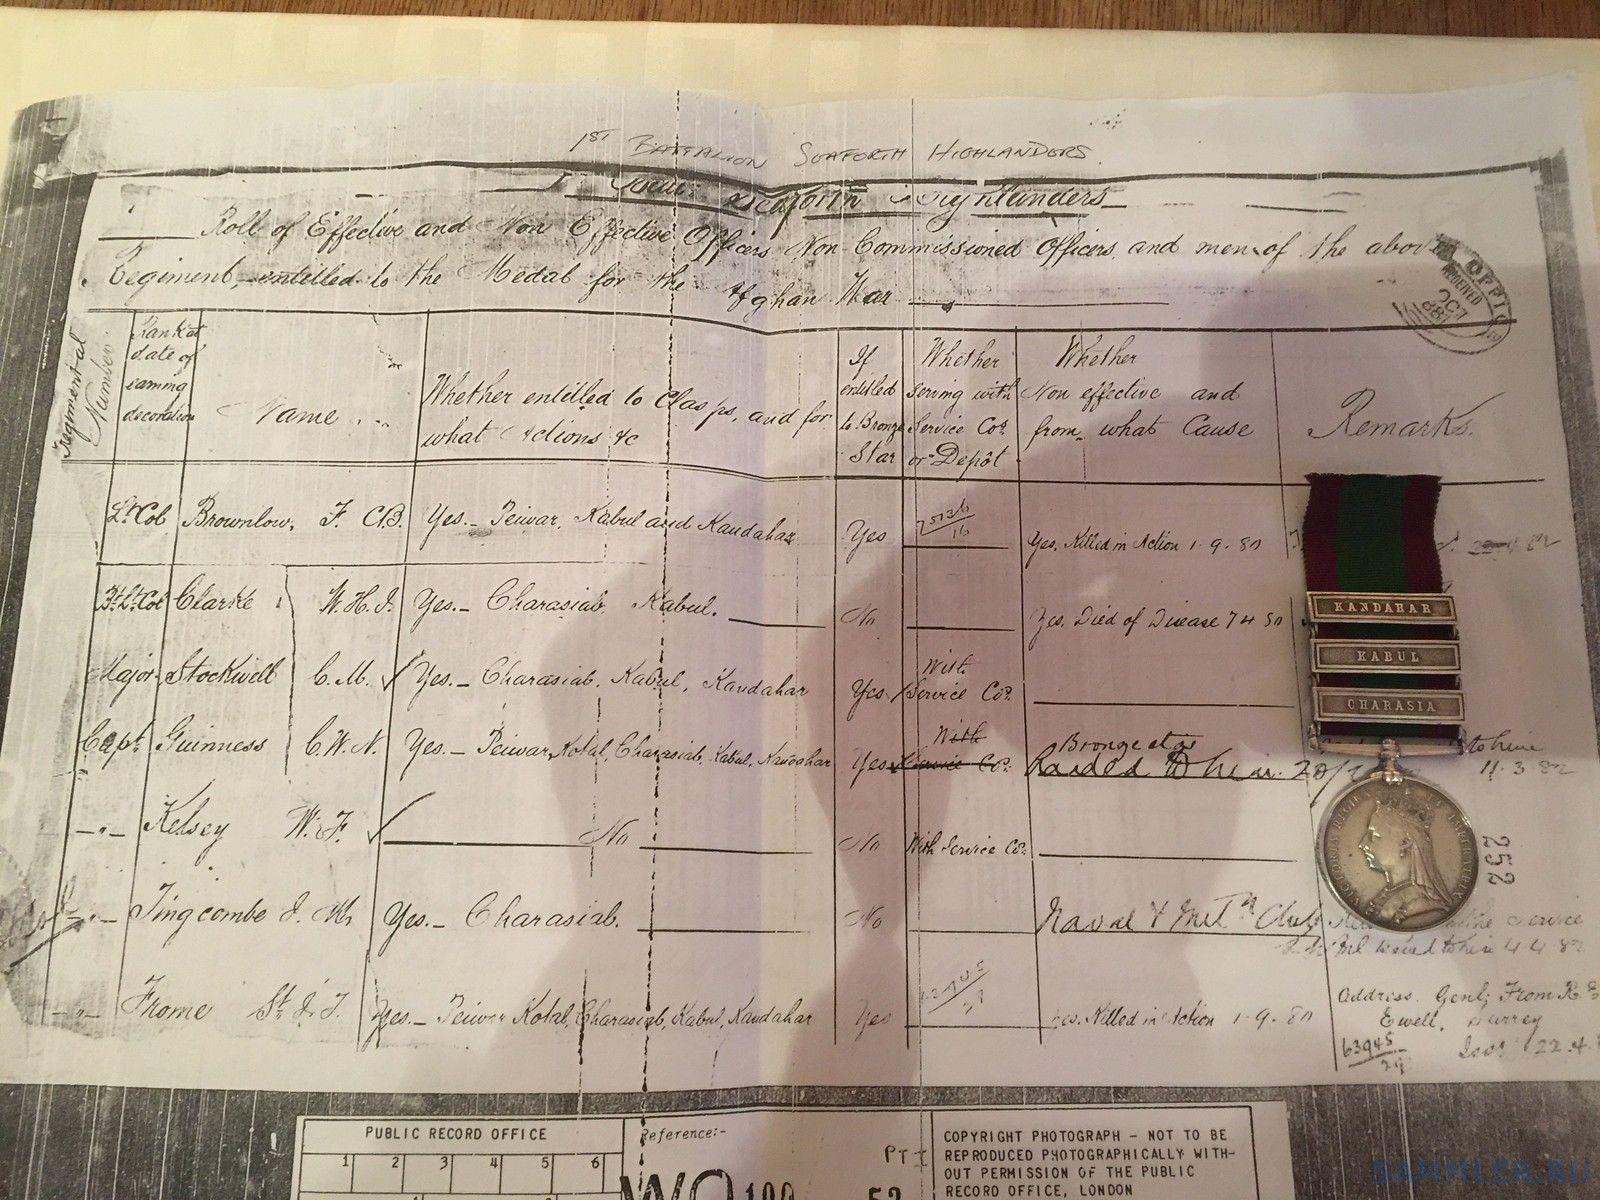 Afghanistan MedalSAM4.jpg